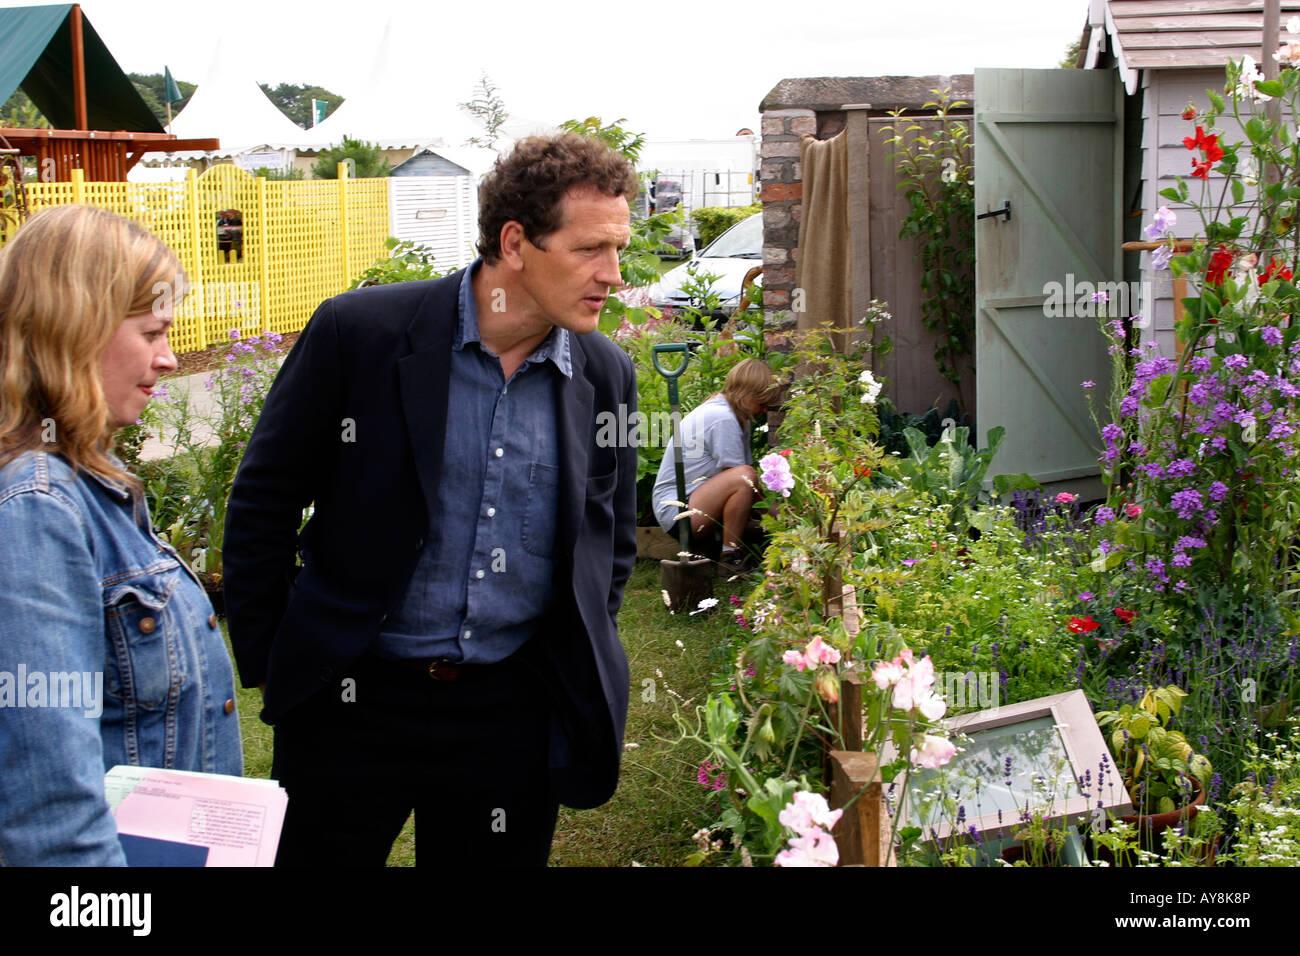 UK Cheshire Knutsford Tatton Hall RHA Flower Show Monty Don admires Heather Boardmans garden - Stock Image